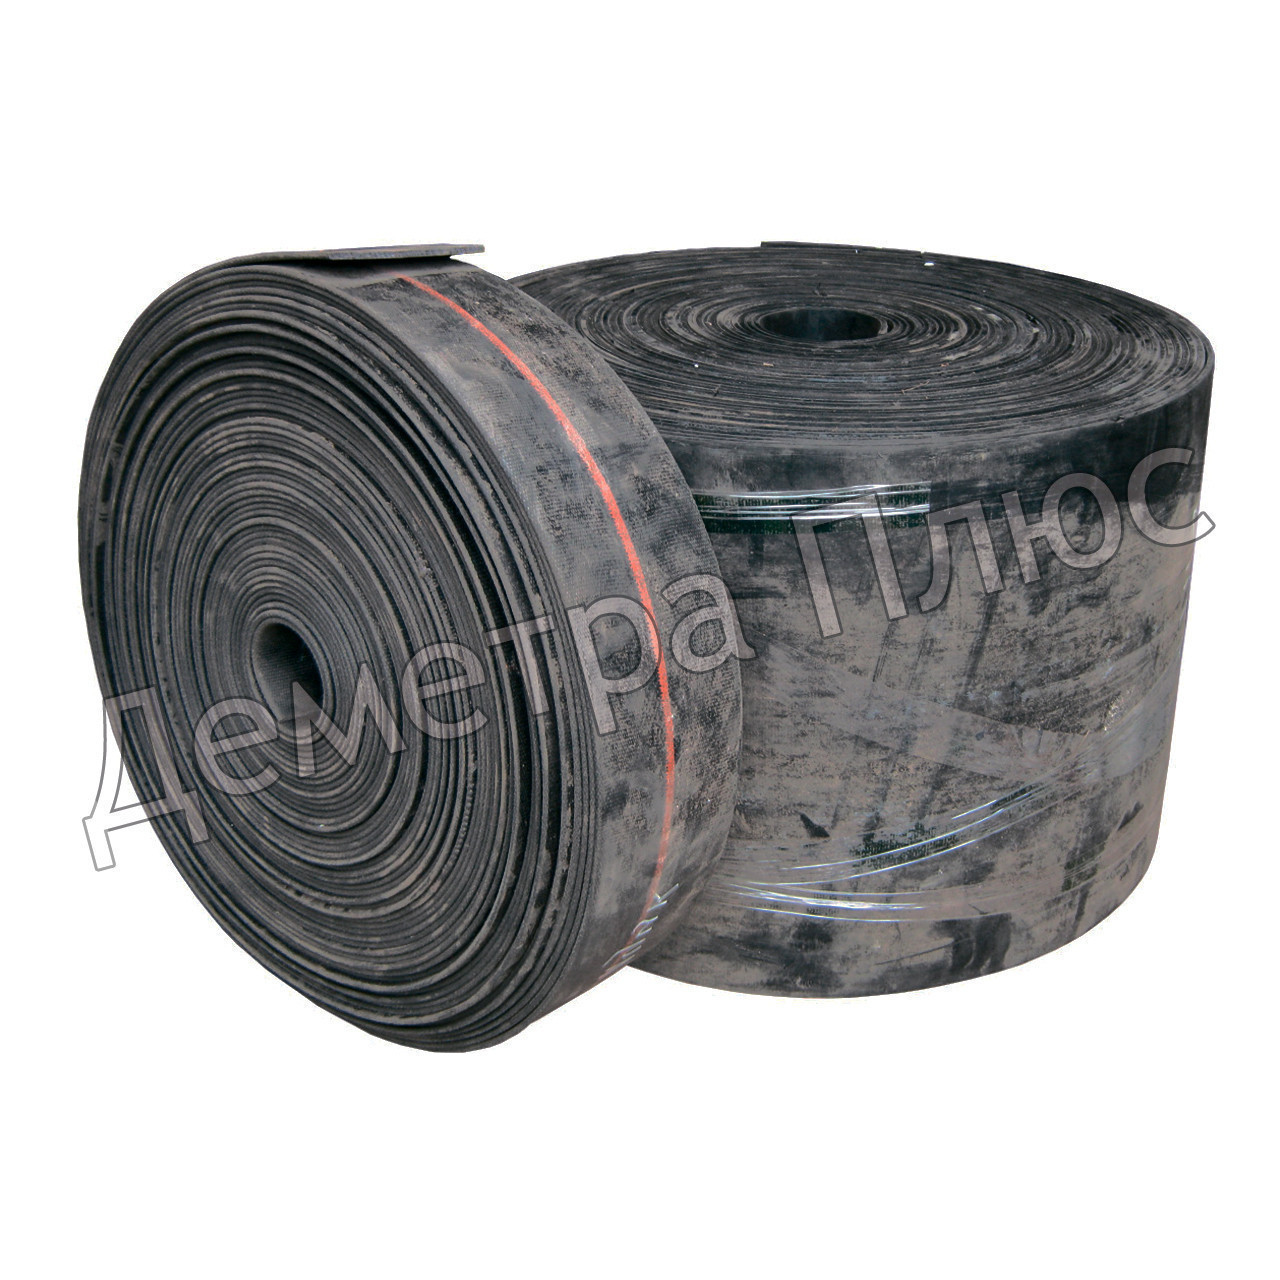 Лента норийная 300×6 (лента транспортерная резинотканевая, конвейерные ленты)